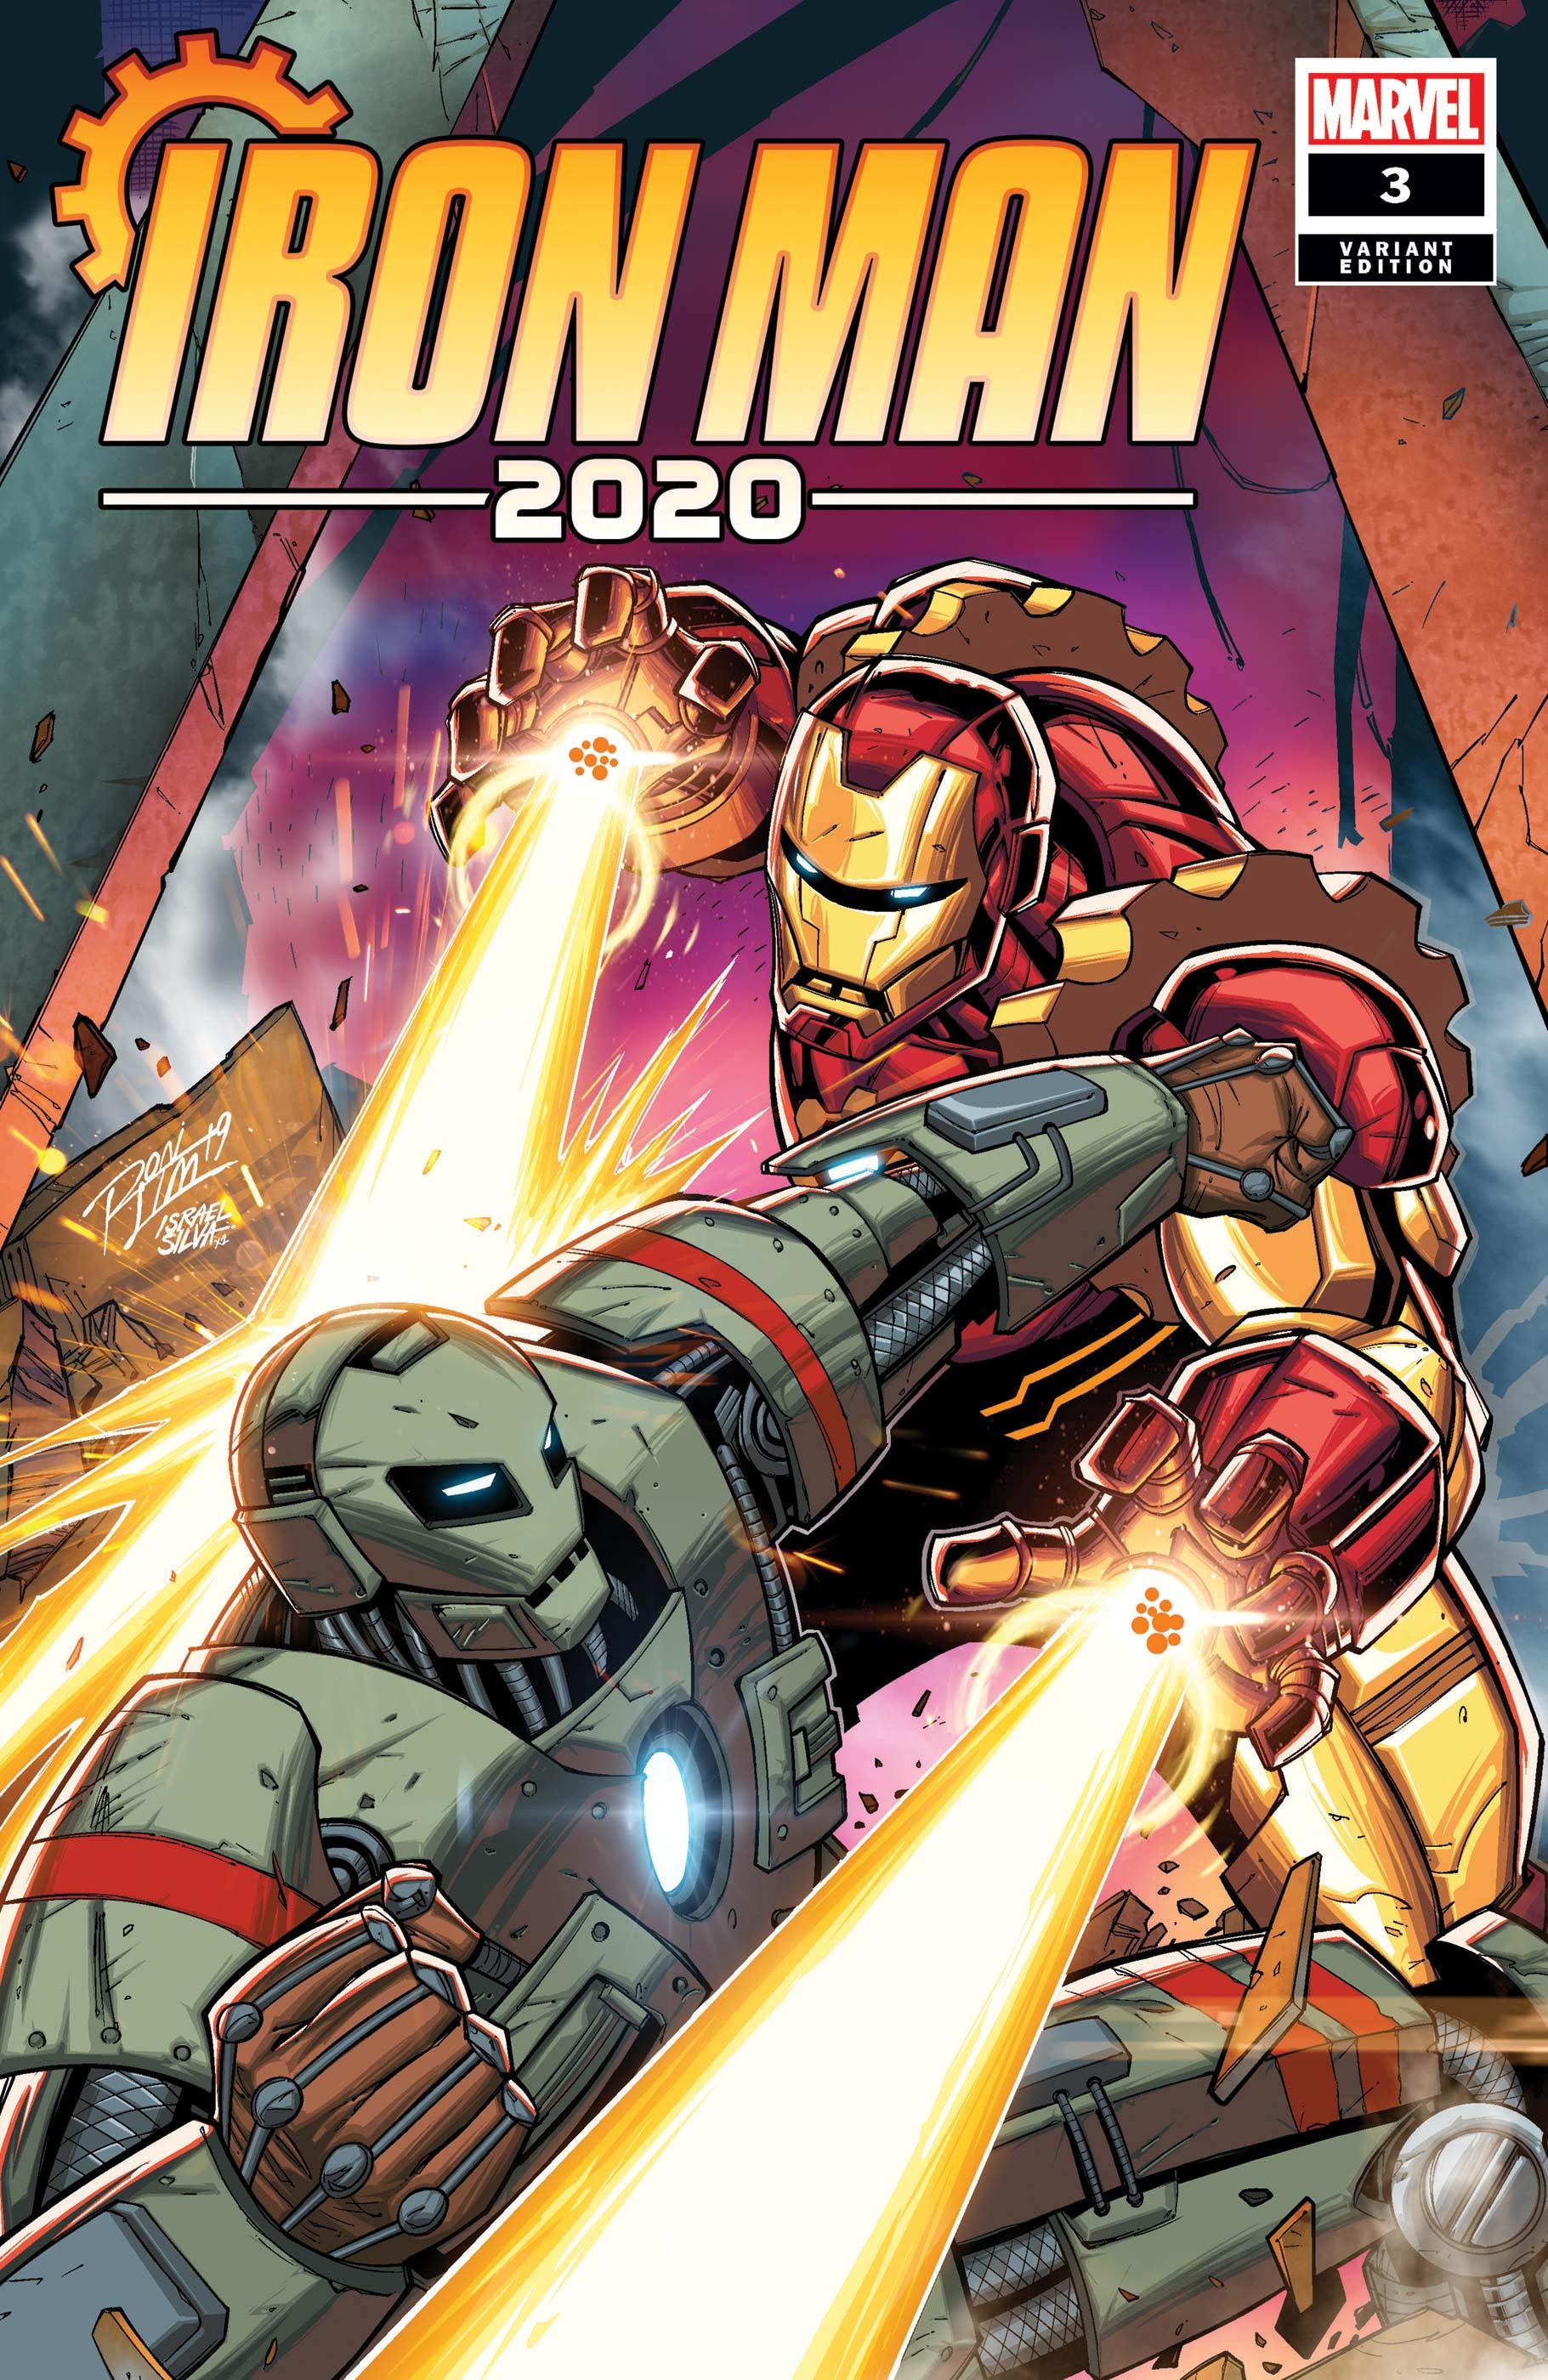 Iron Man 2020 (2020) #3 (Variant)